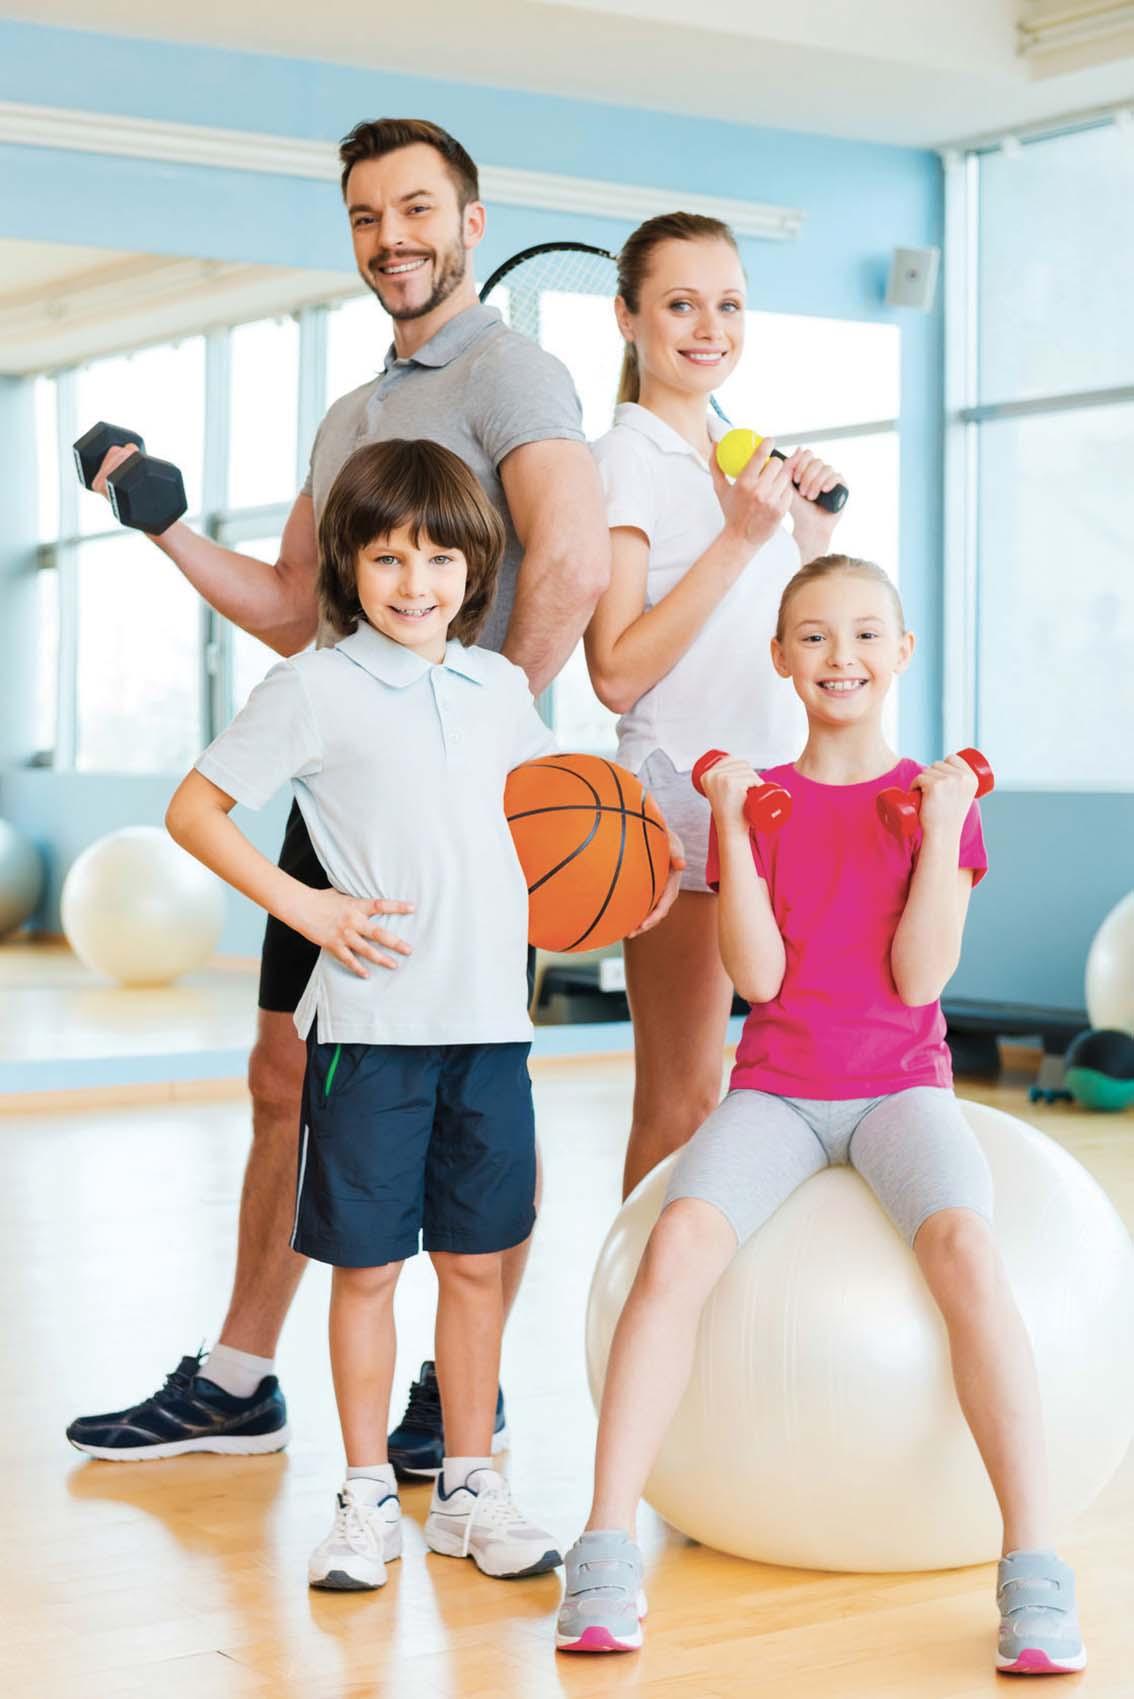 En 2020, c'est décidé, on se met au sport en famille!